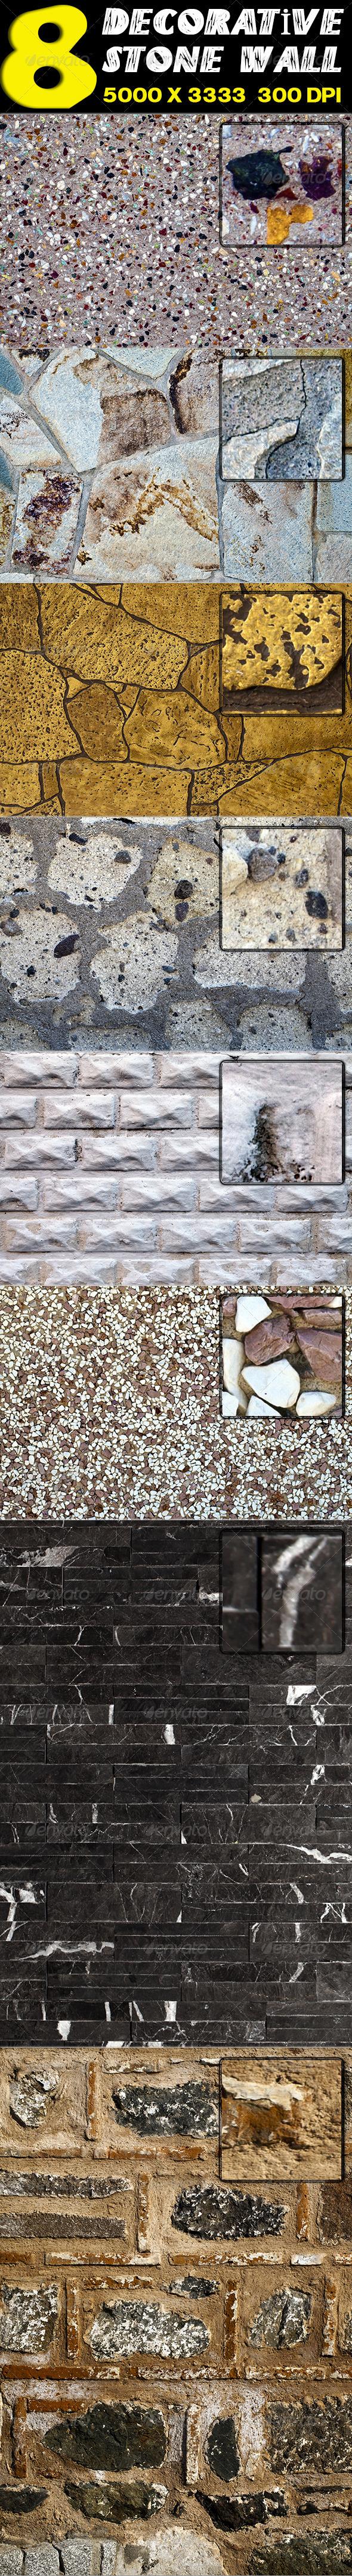 GraphicRiver 8 Decorative Stone Wall 2655200